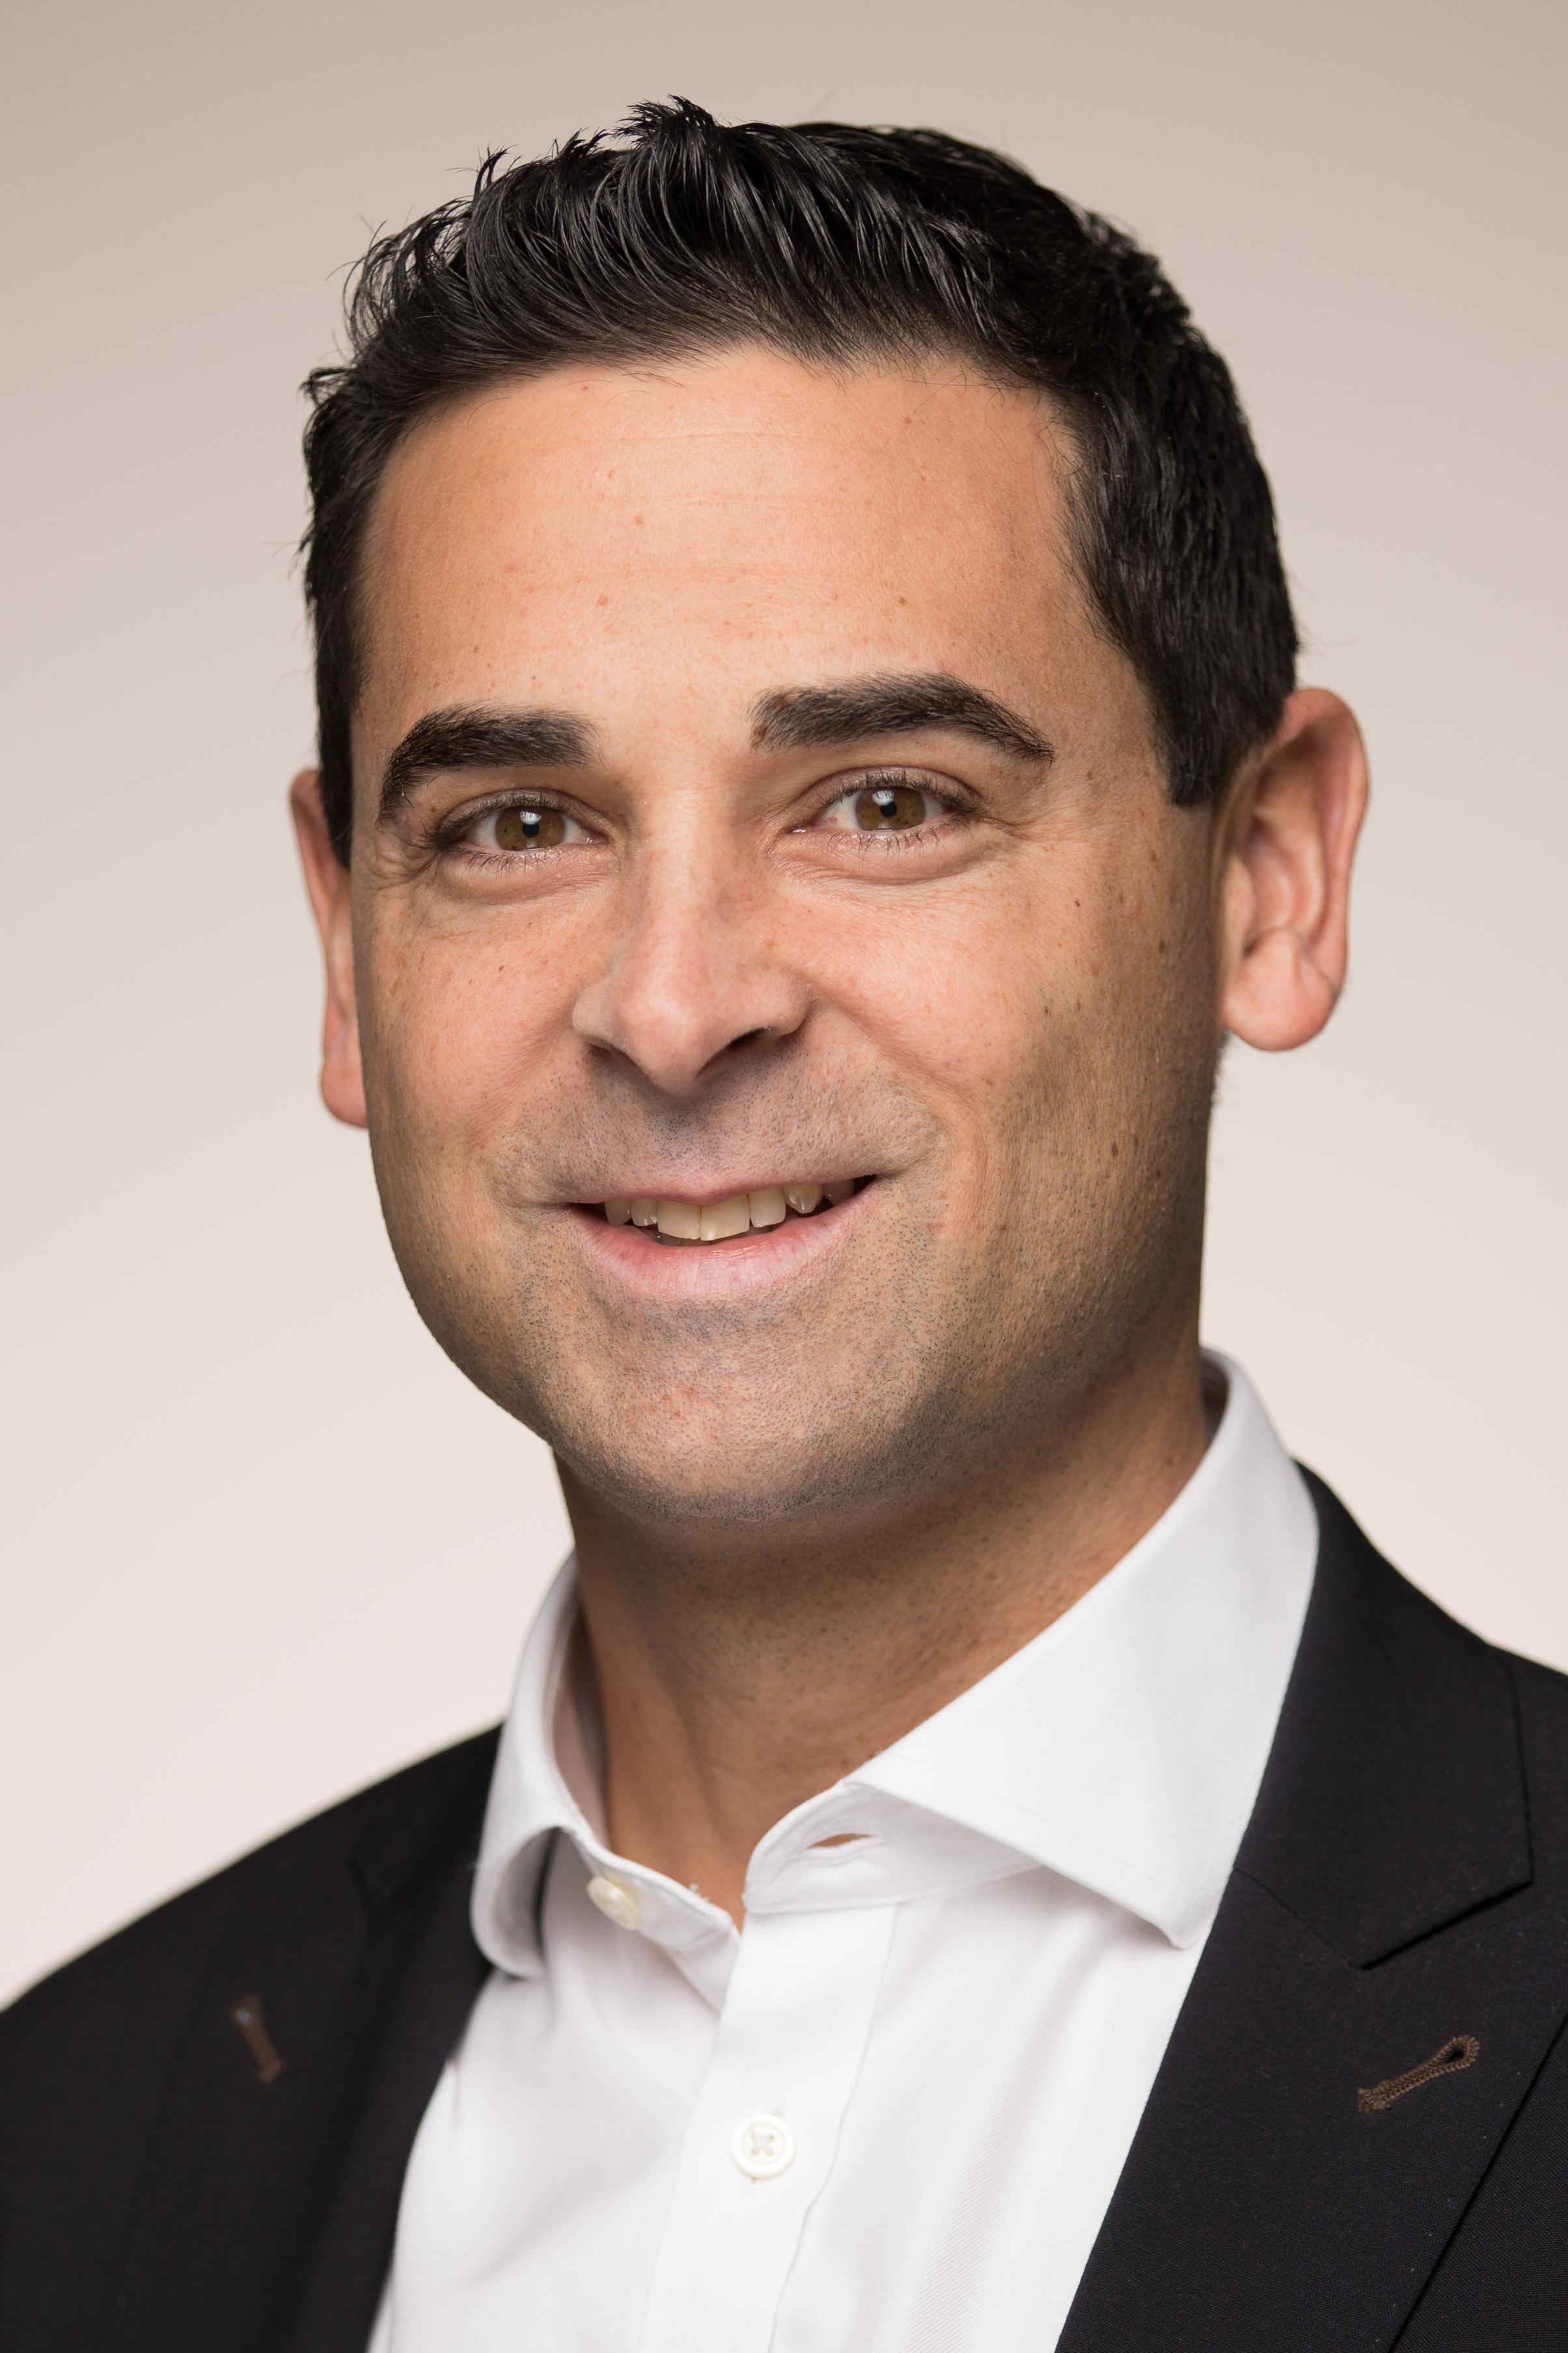 Marco Kruppenbacher